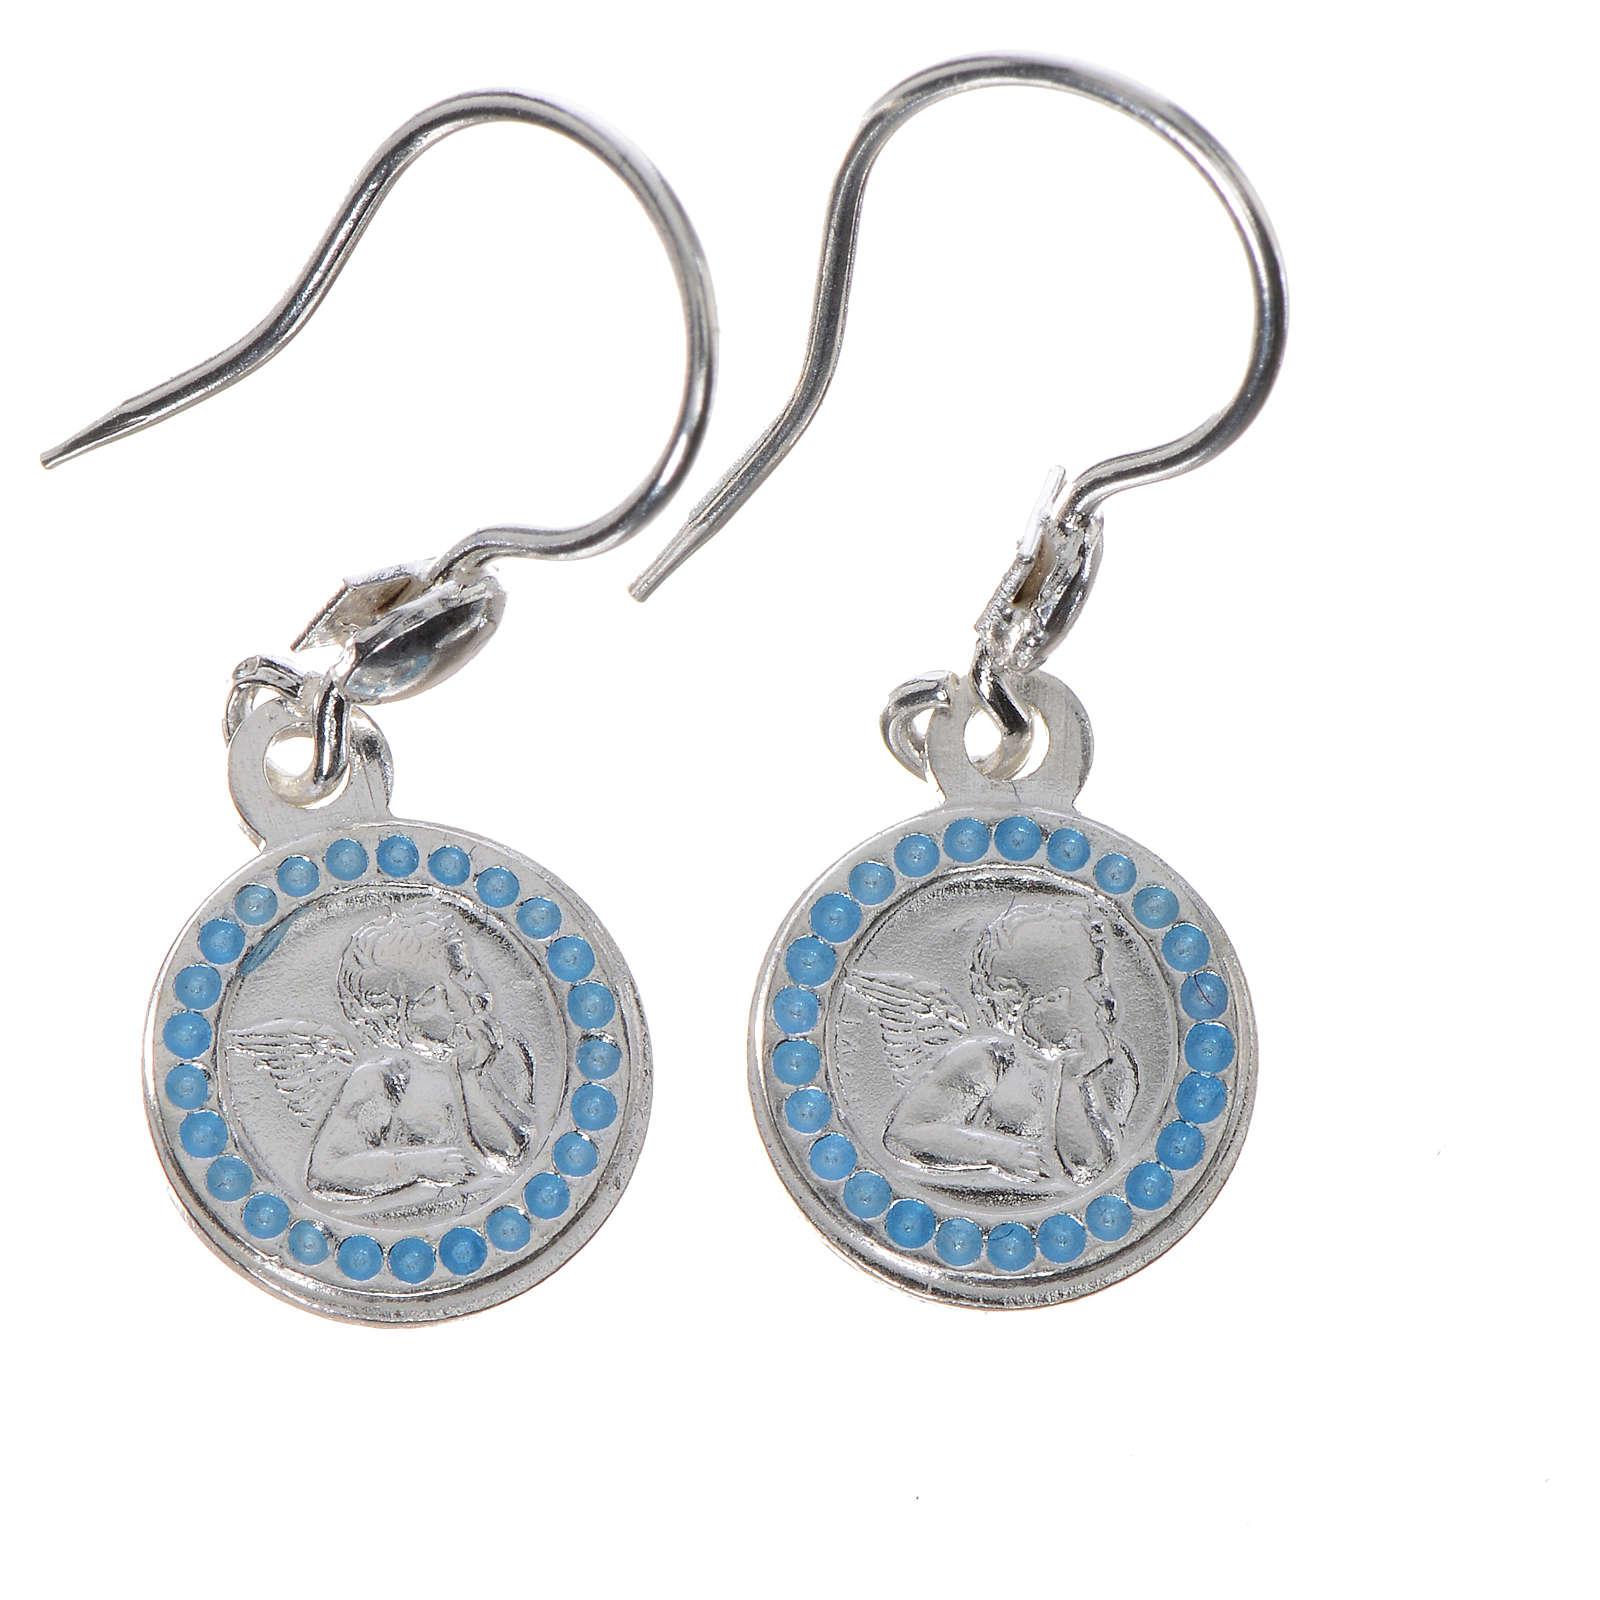 Pendientes ángel guardián de plata 800, acabado azul claro 4